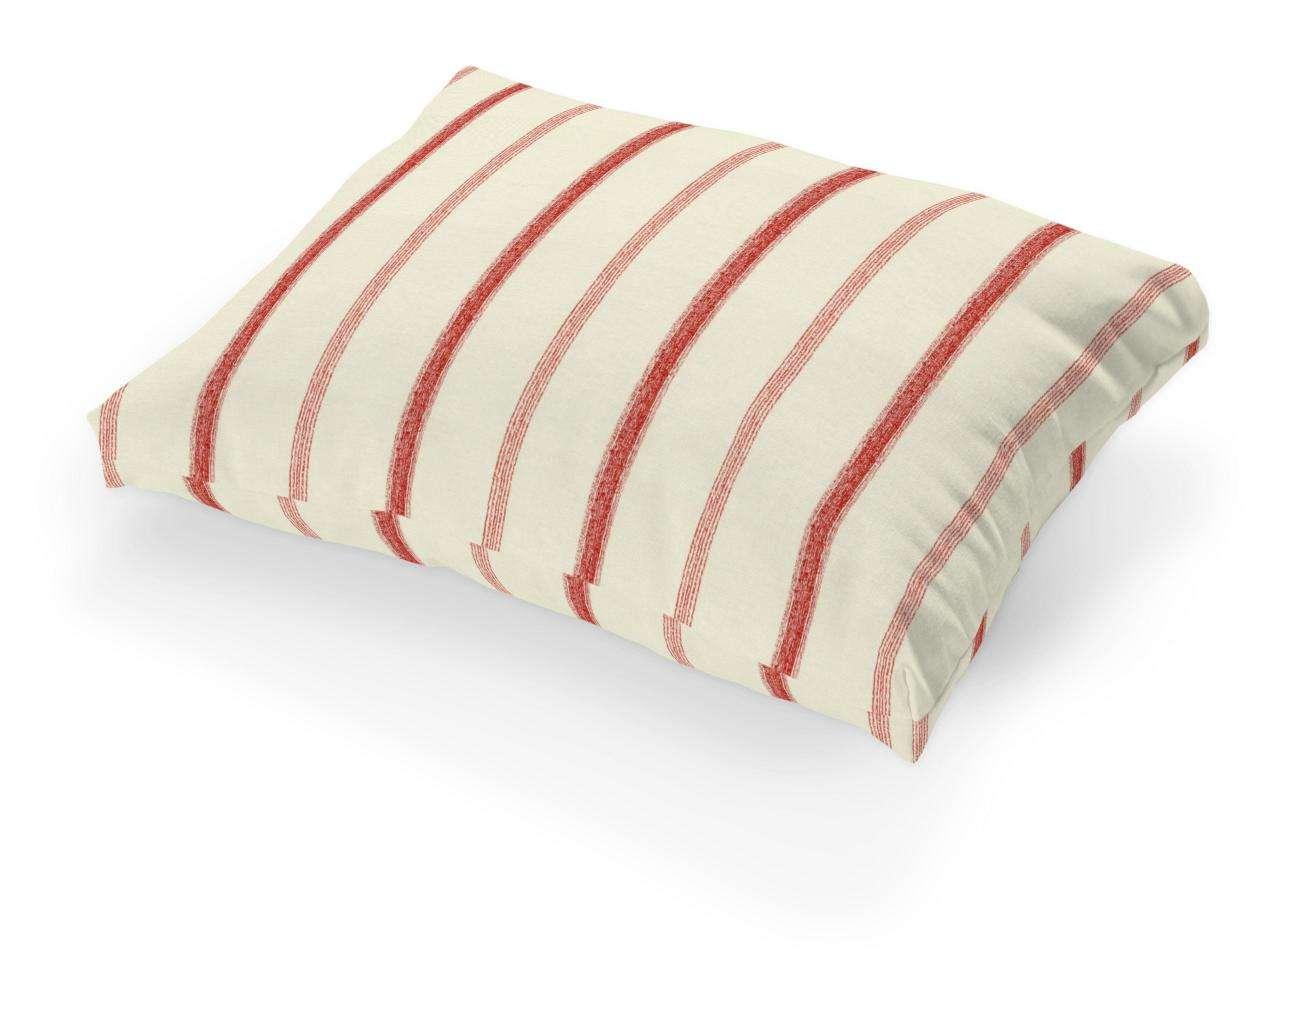 Poszewka na poduszkę Tylösand 1 szt. w kolekcji Avinon, tkanina: 129-15